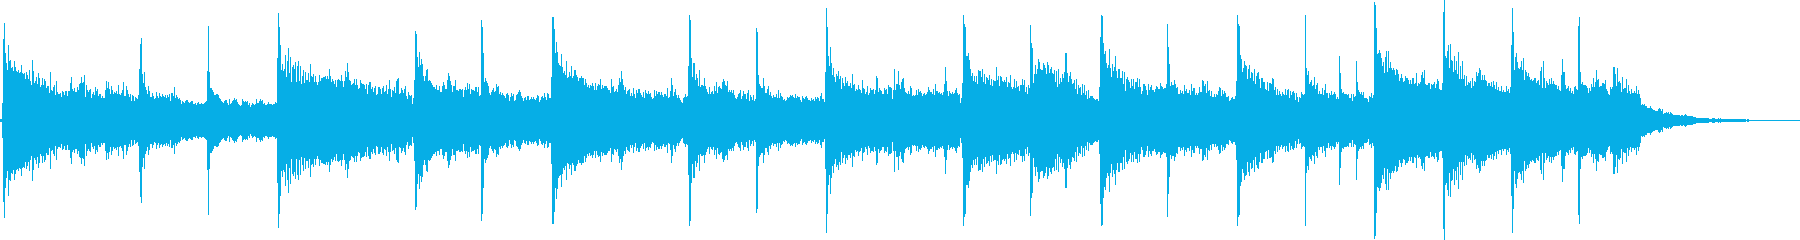 切ない雰囲気のバラードジングルの再生済みの波形